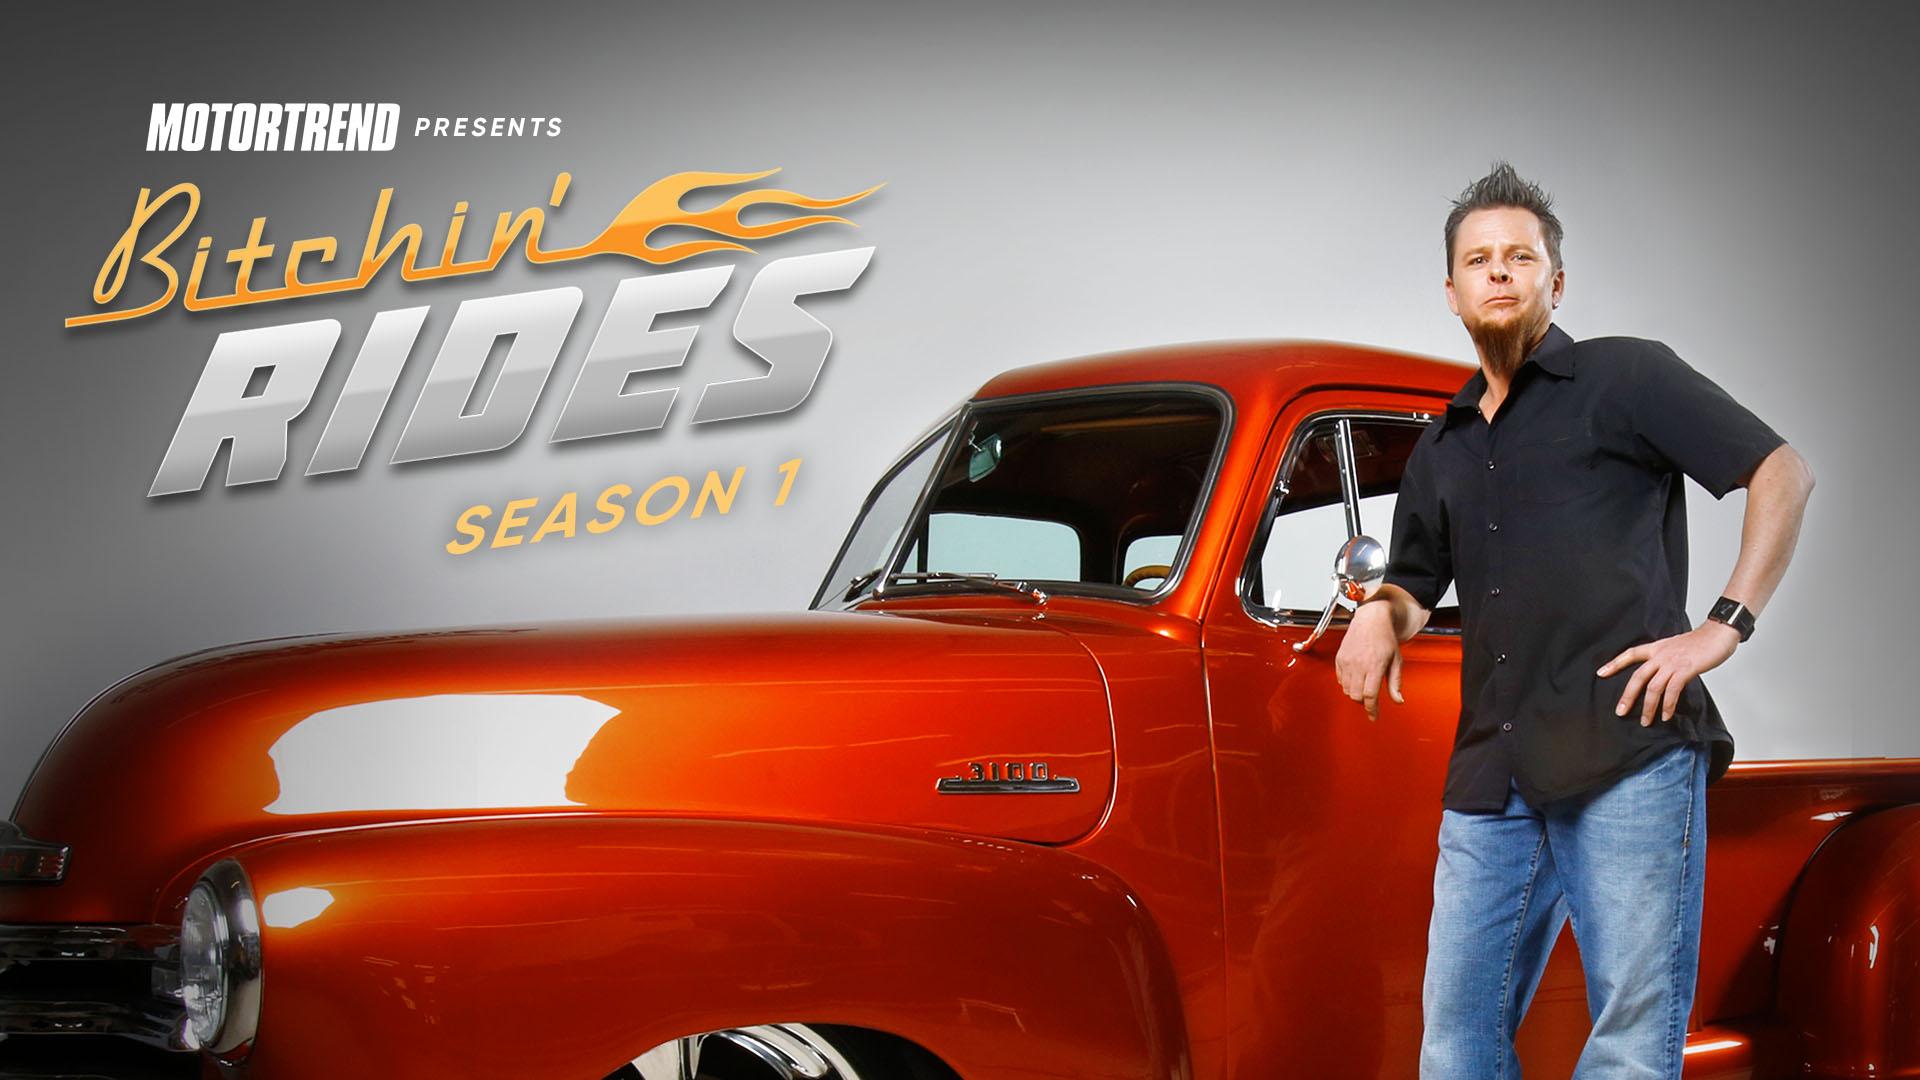 Bitchin' Rides Season 1